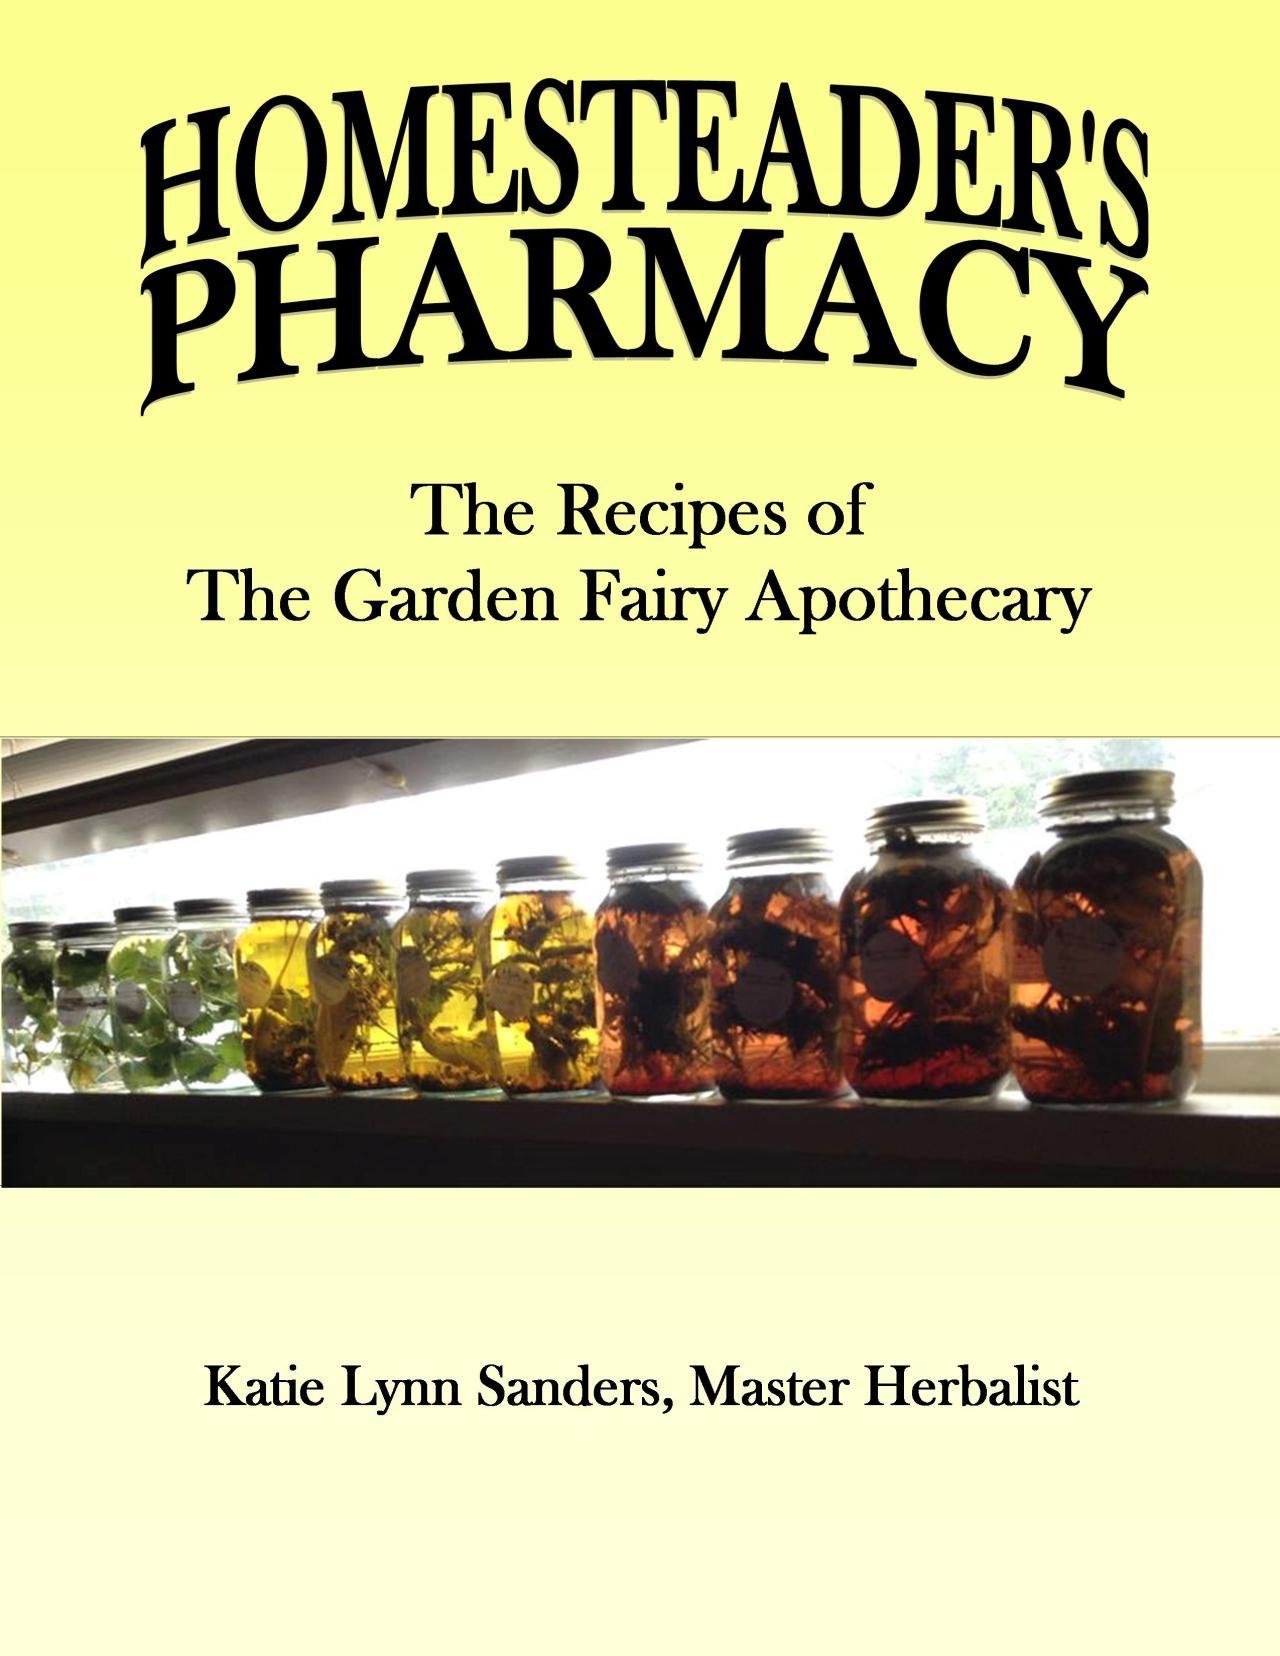 Homesteader's Pharmacy Cover